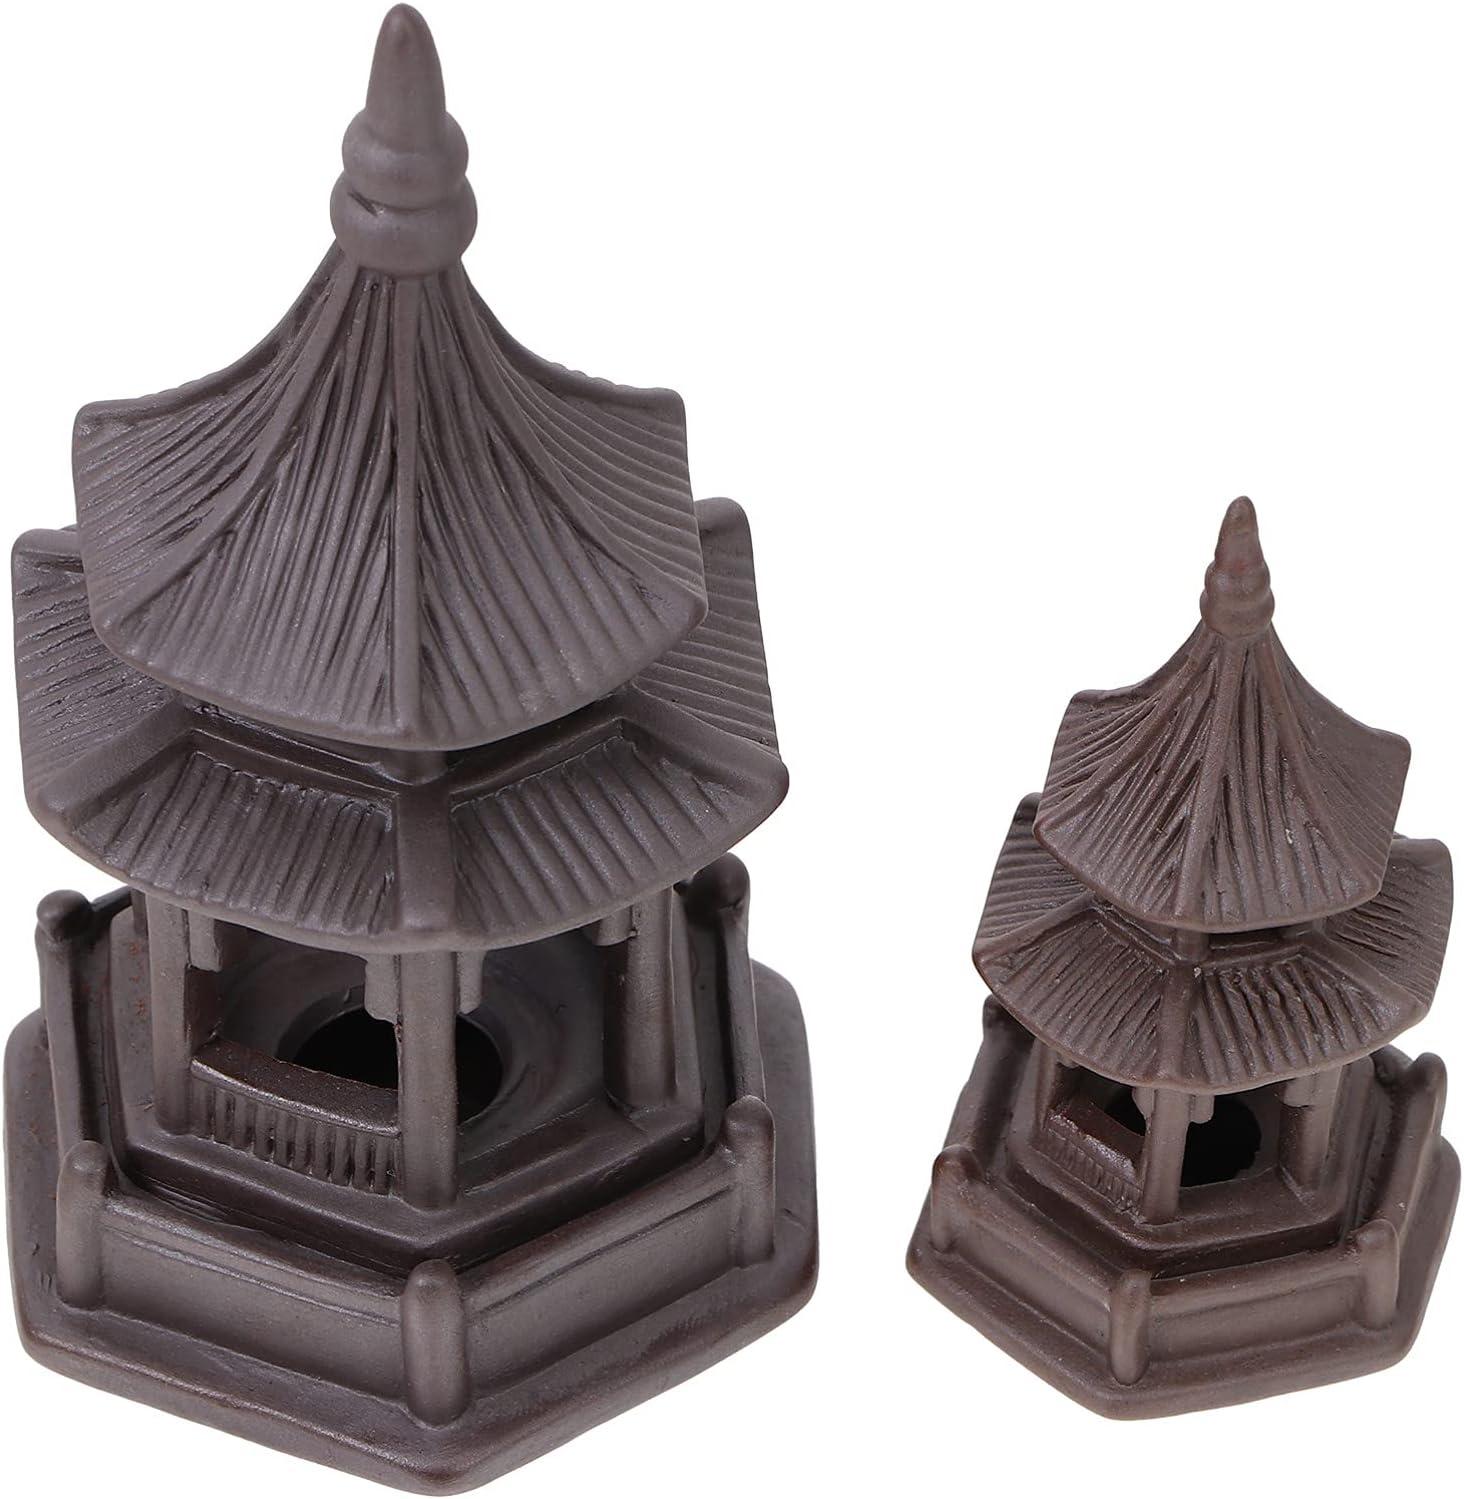 Happyyami 2Pcs Mini Pagoda Statue Micro Landscape Ornaments Mininature Ceramic Hexagon Fairy Garden Figurine for Bonsai and Zen Garden Zisha Tea Pet